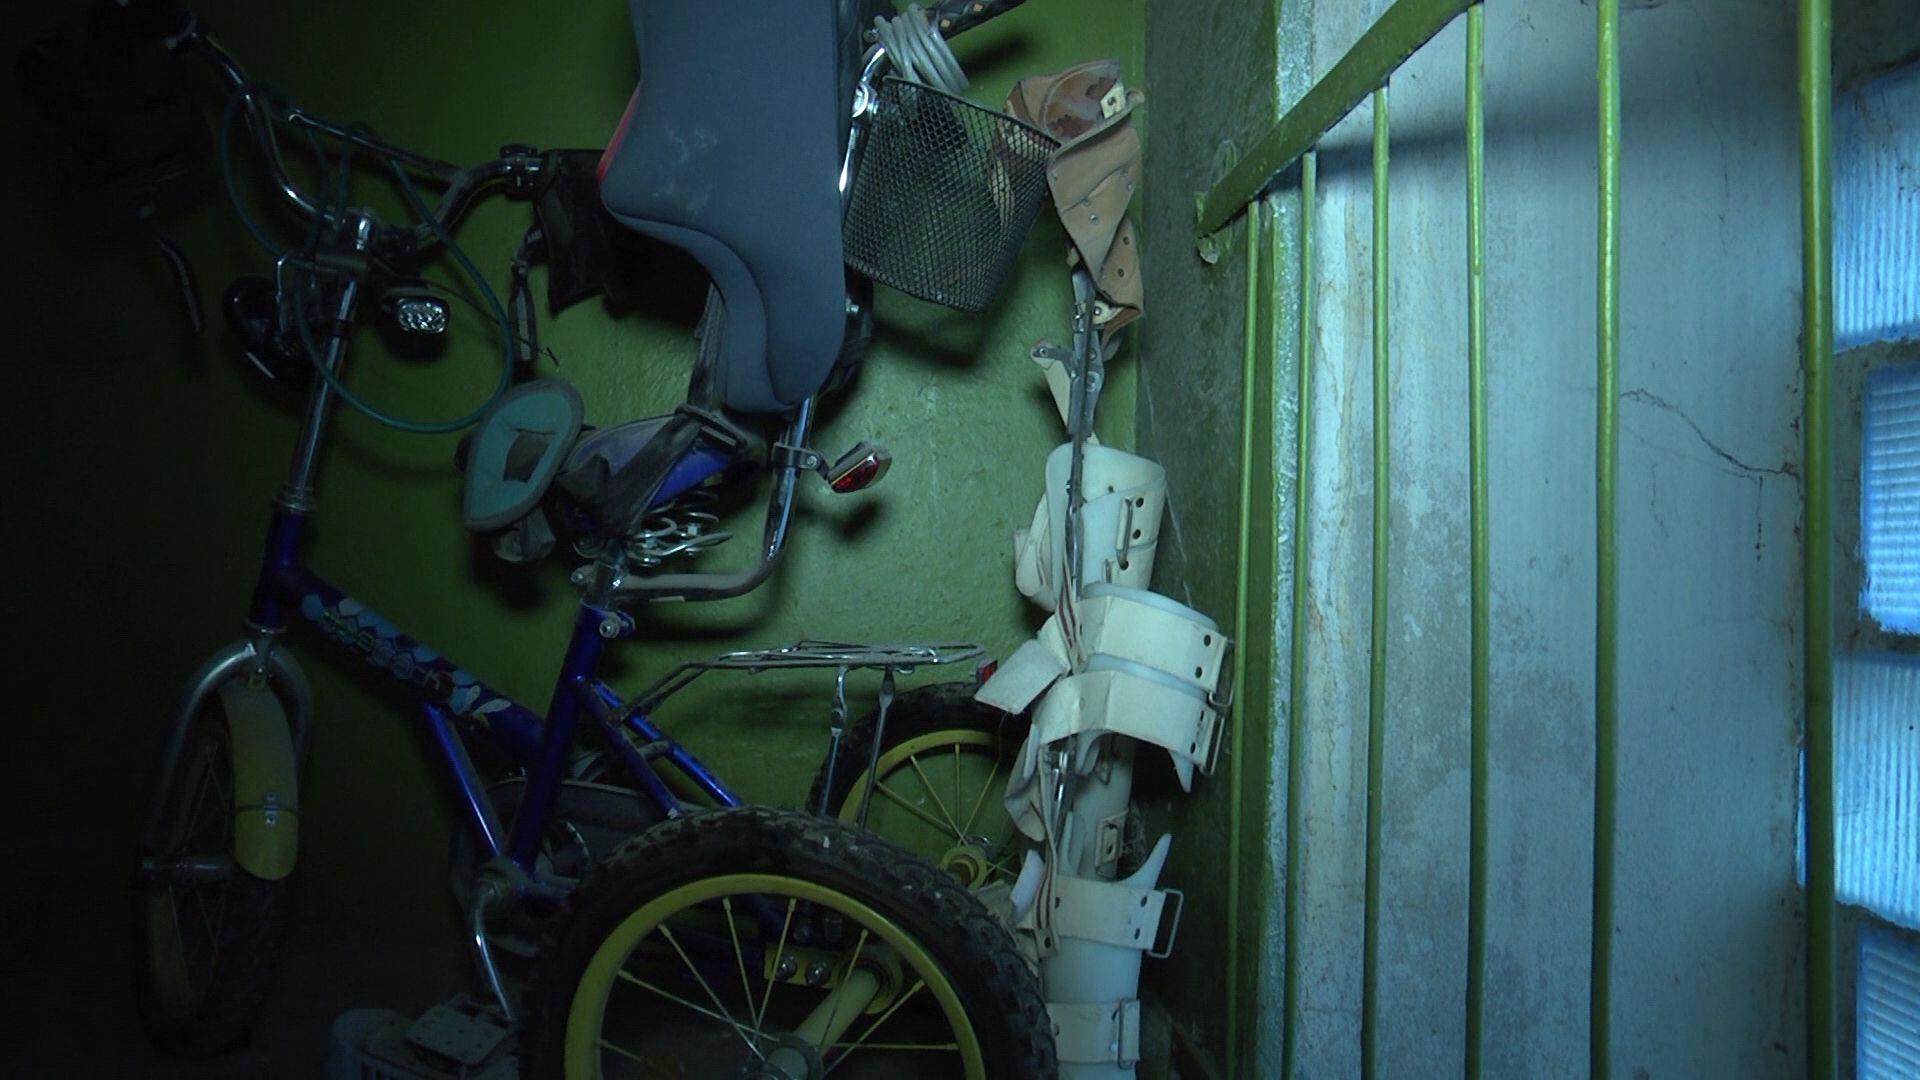 Бессовестные воры украли специализированную детскую коляску в Рыбинске